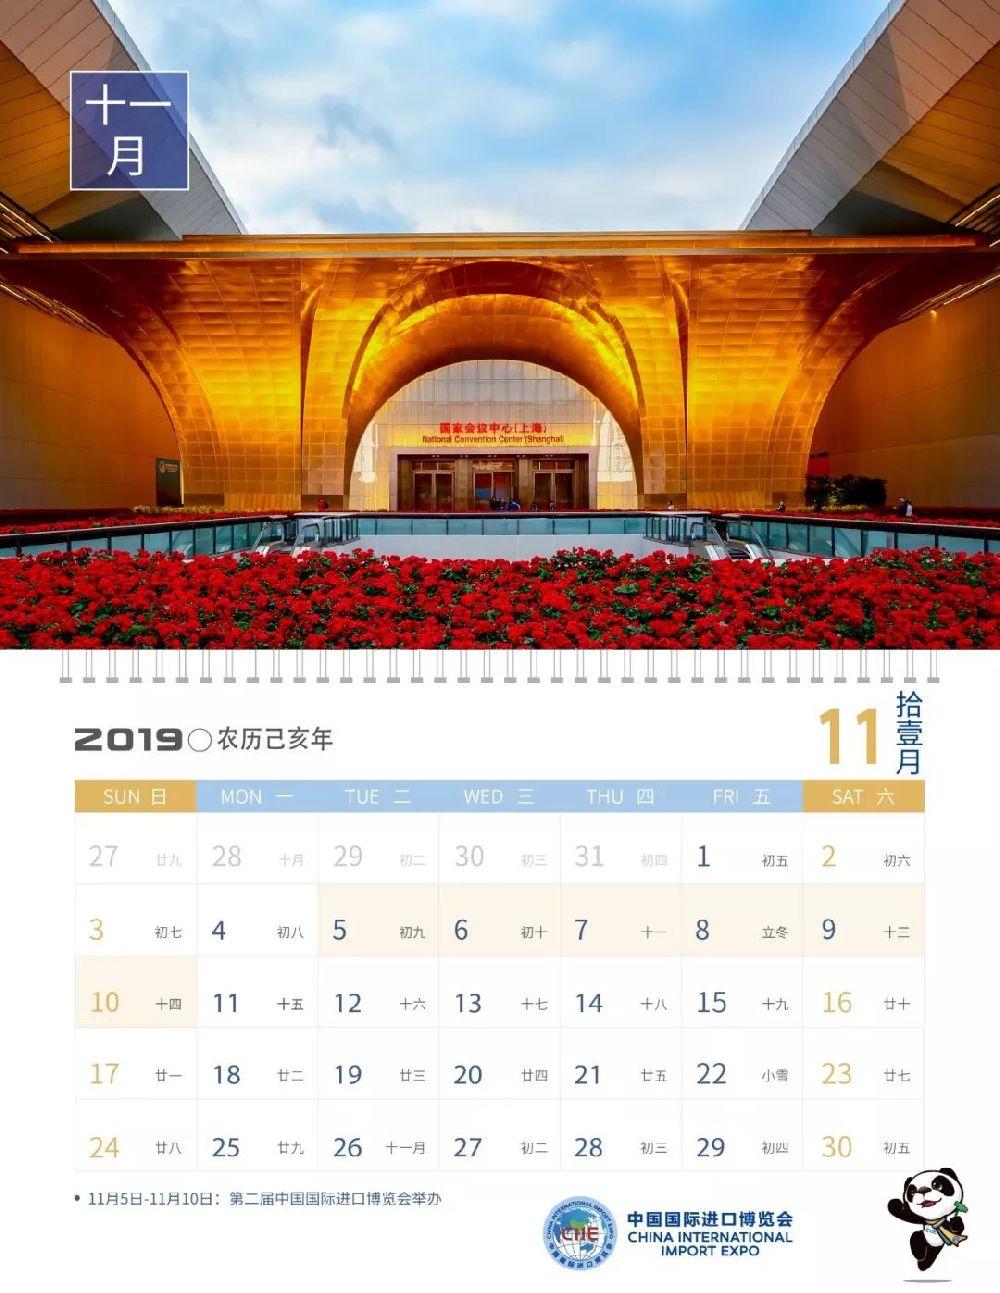 社会资讯_2019第二届进博会时间地点:11月5日-10日上海举行- 上海本地宝